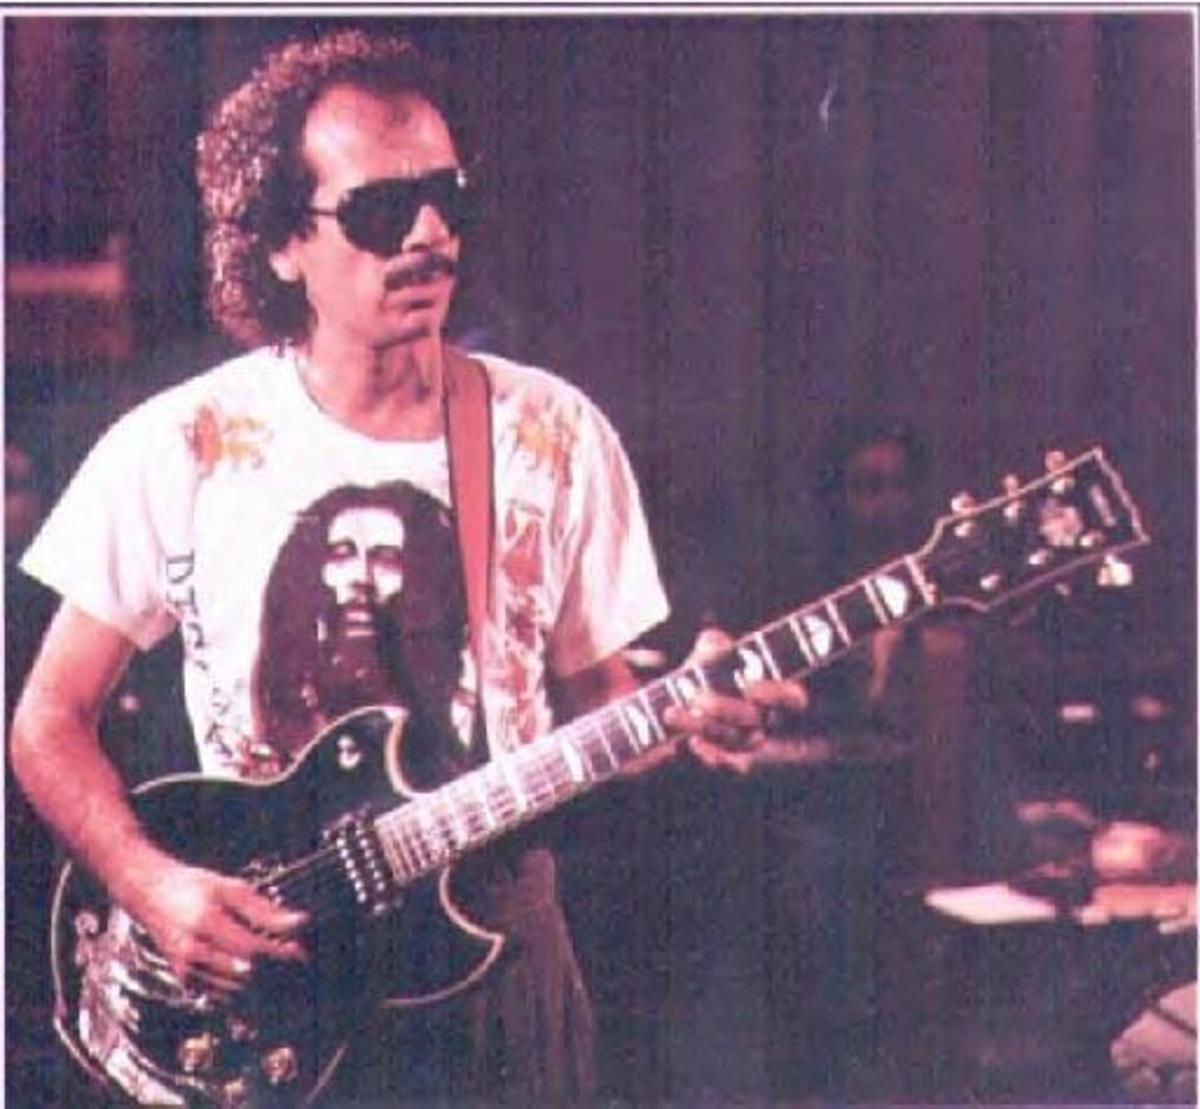 The great Carlos Santana with his Yamaha SG 2000.